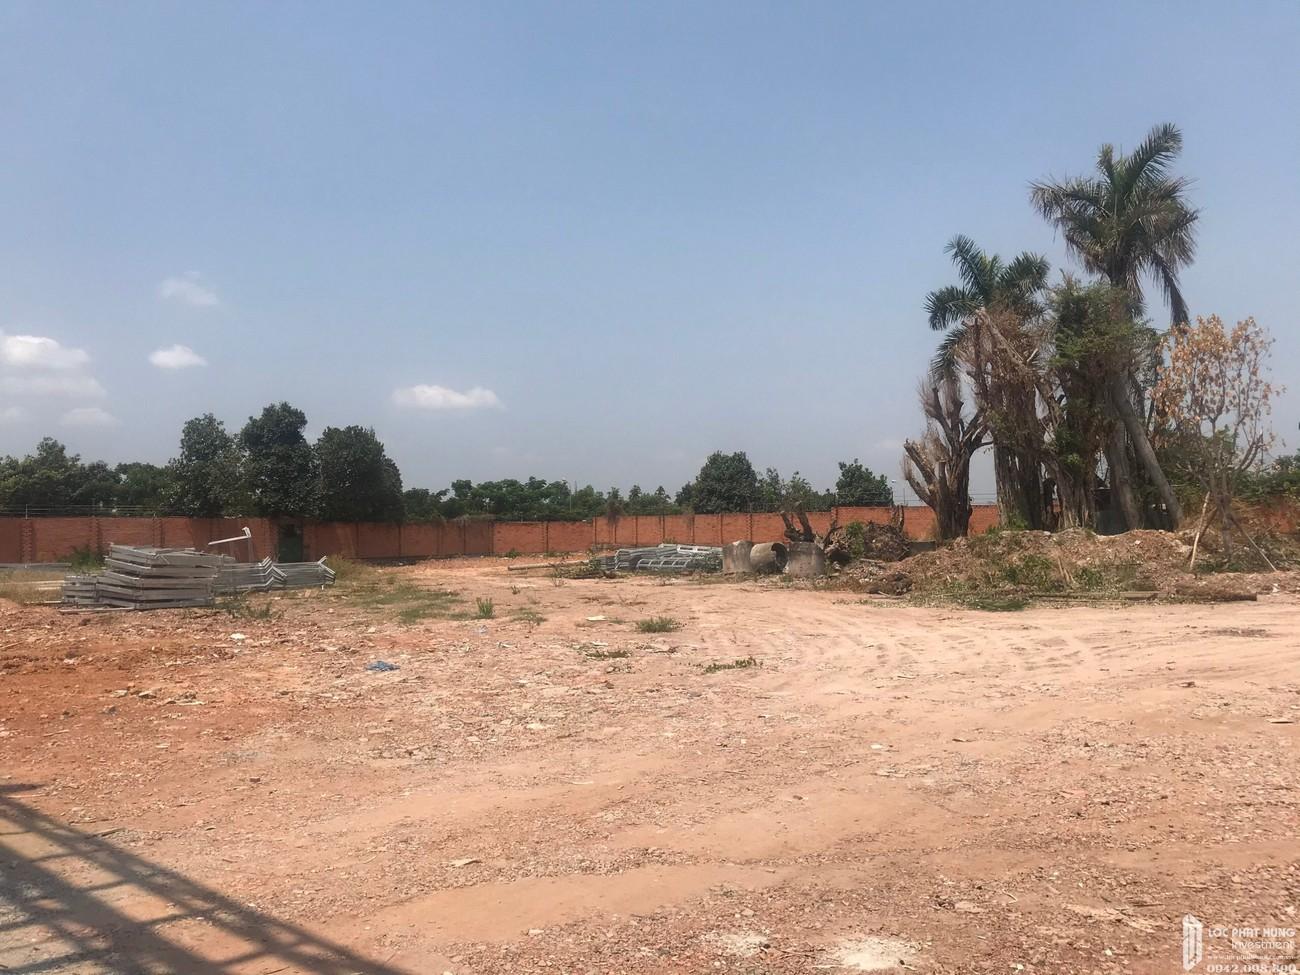 Tiến độ dự án căn hộ chung cư C River View Thủ Dầu Một Đường Nguyễn Tri Phương chủ đầu tư Chánh Nghĩa Quốc Cường 04/2020